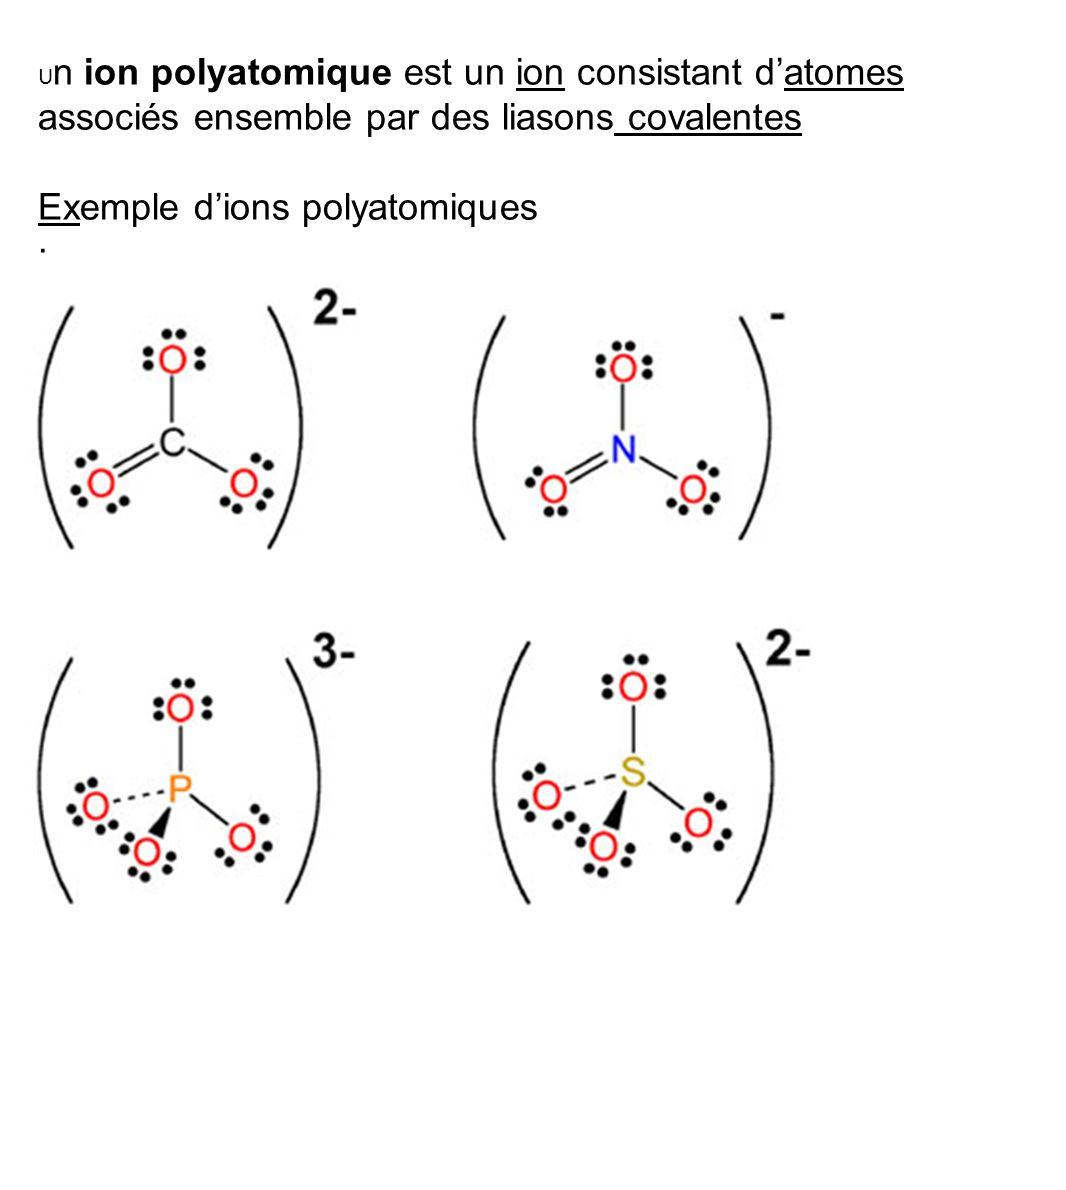 U n ion polyatomique est un ion consistant d'atomes associés ensemble par des liasons covalentes Exemple d'ions polyatomiques ·